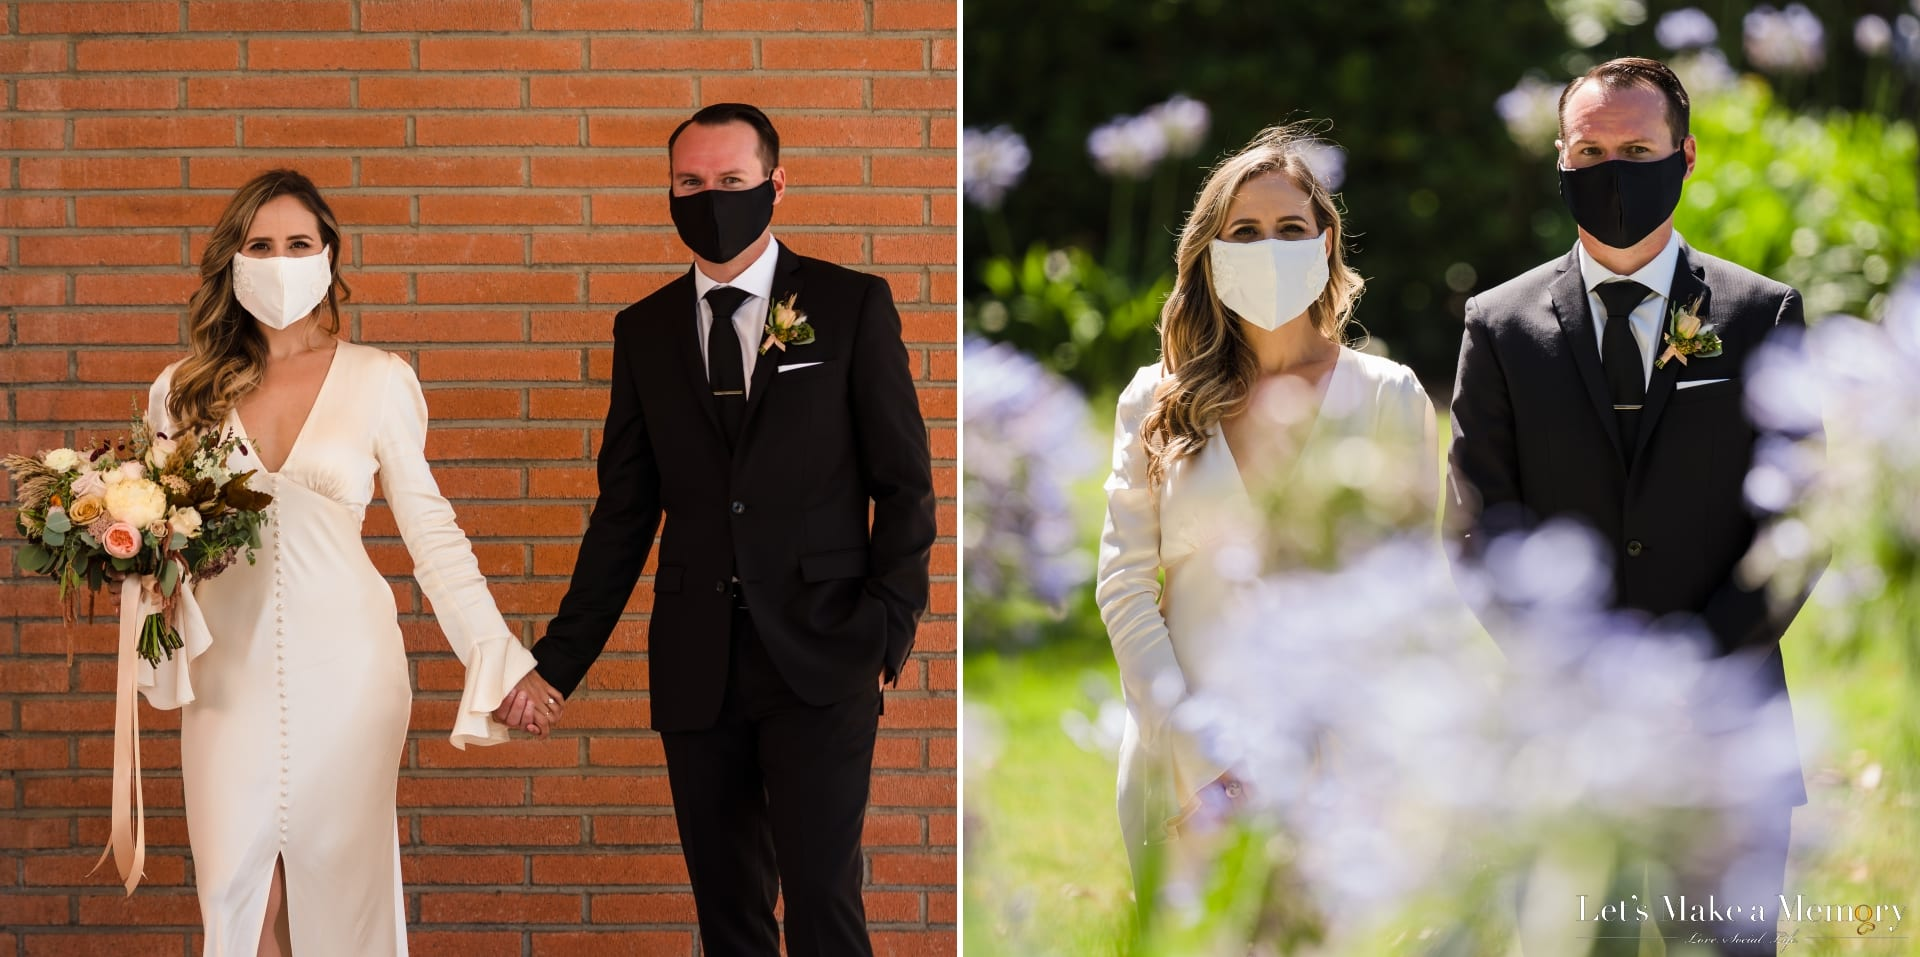 Wedding Couple With Mask